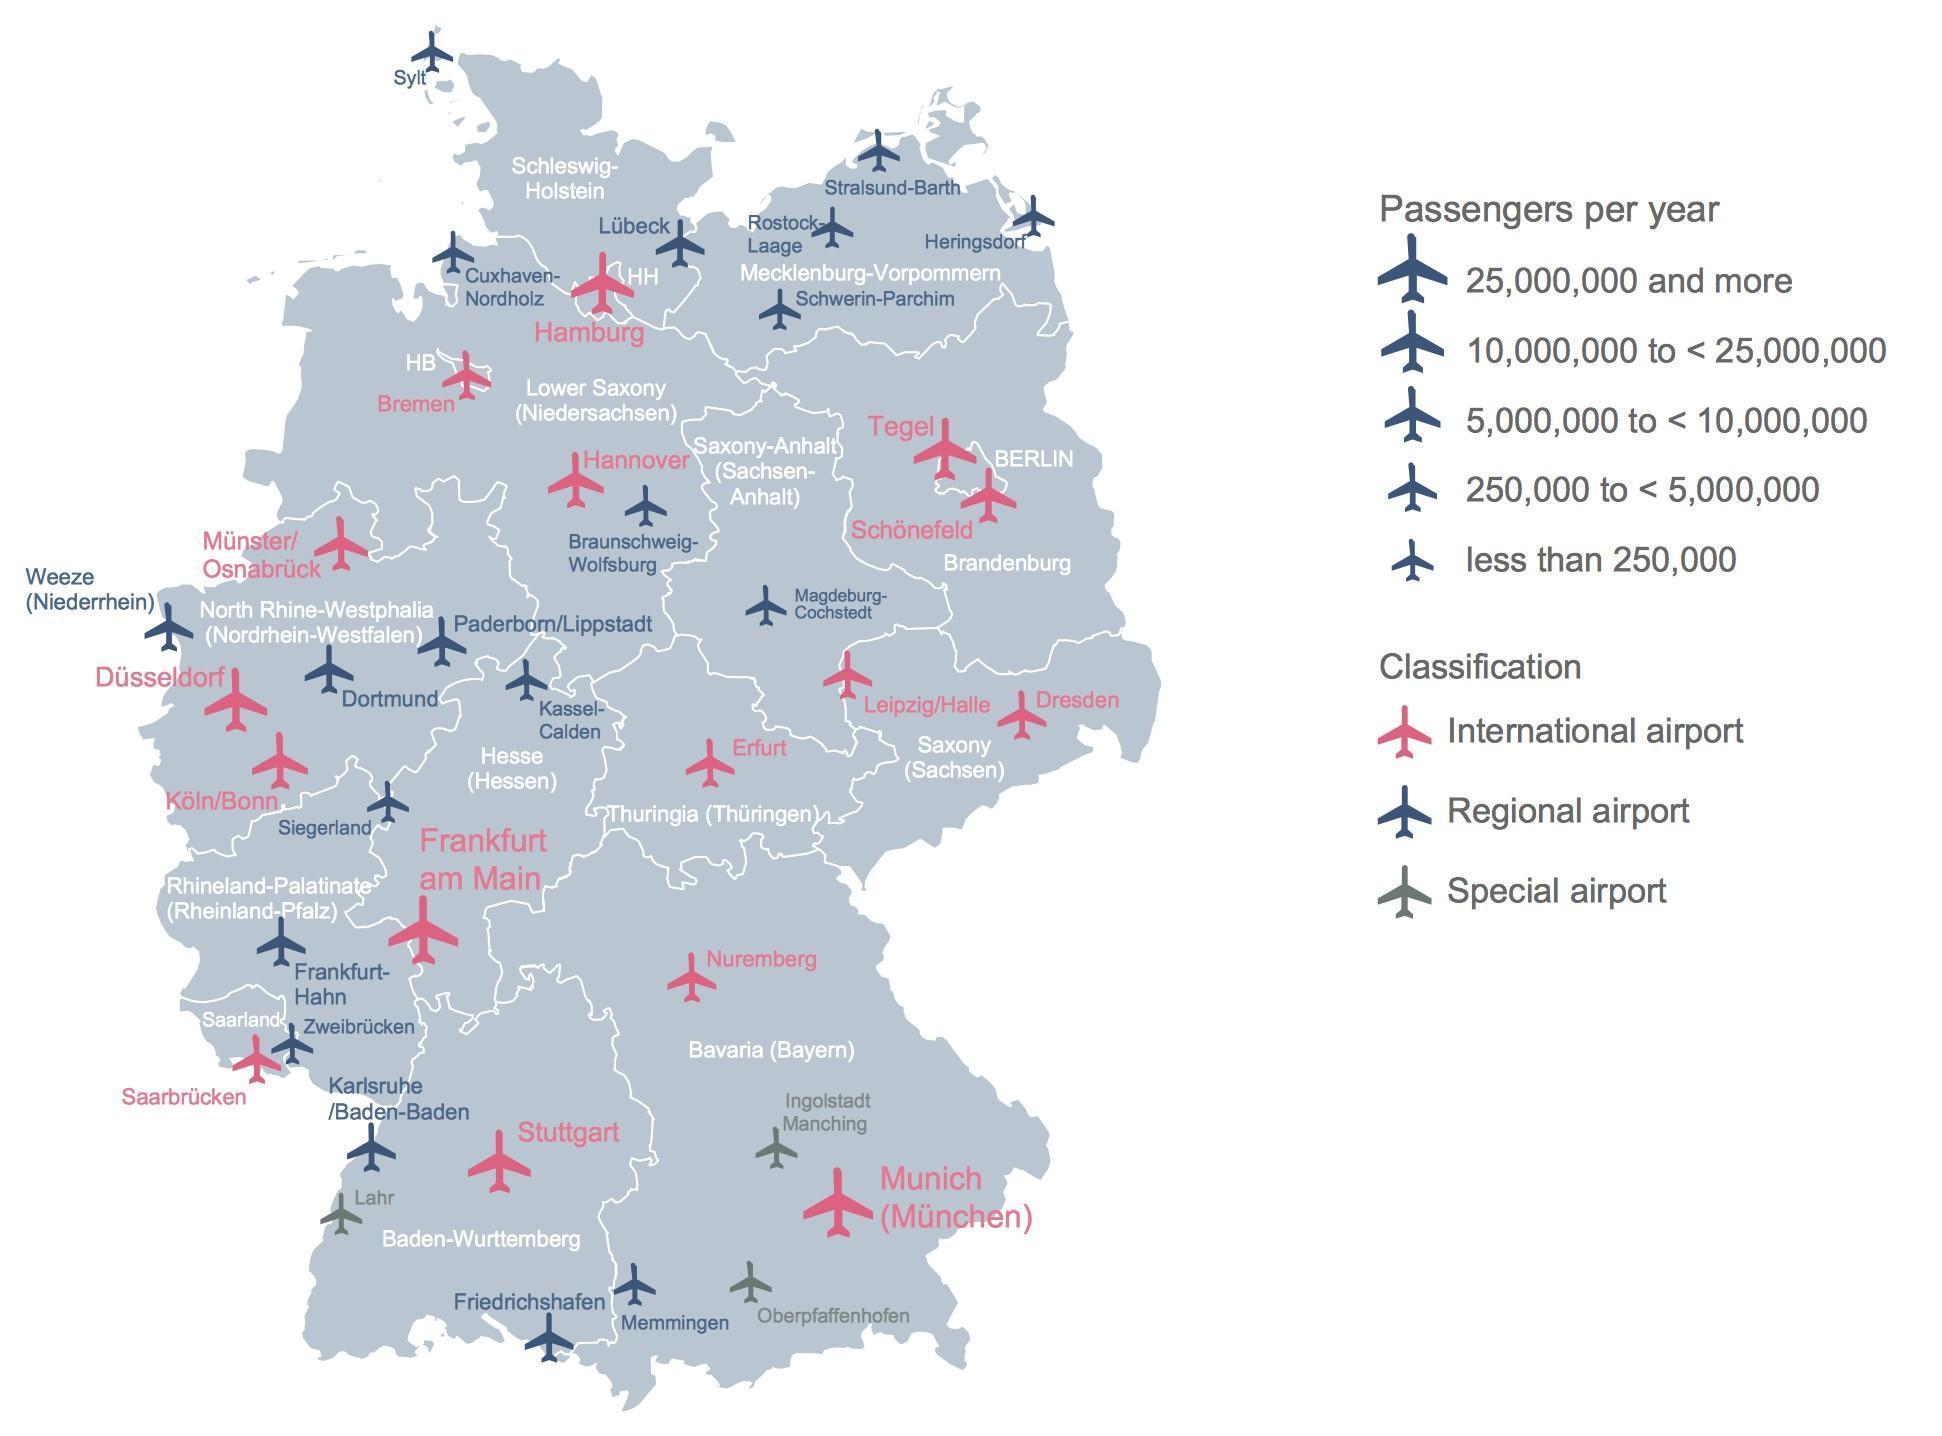 Flughäfen Deutschland Karte.Deutschland Flughafen Karte Deutschland Karte Zeigt Flughäfen